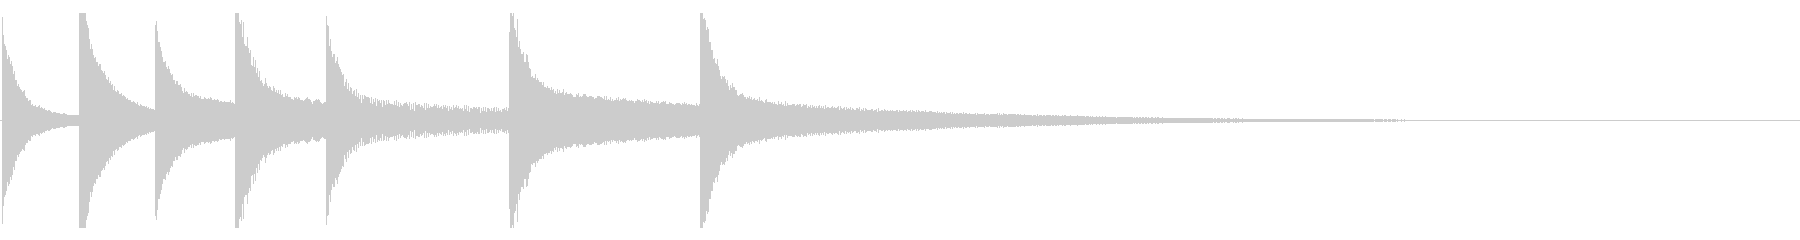 オーケストラベル:ミュージックアク...の未再生の波形